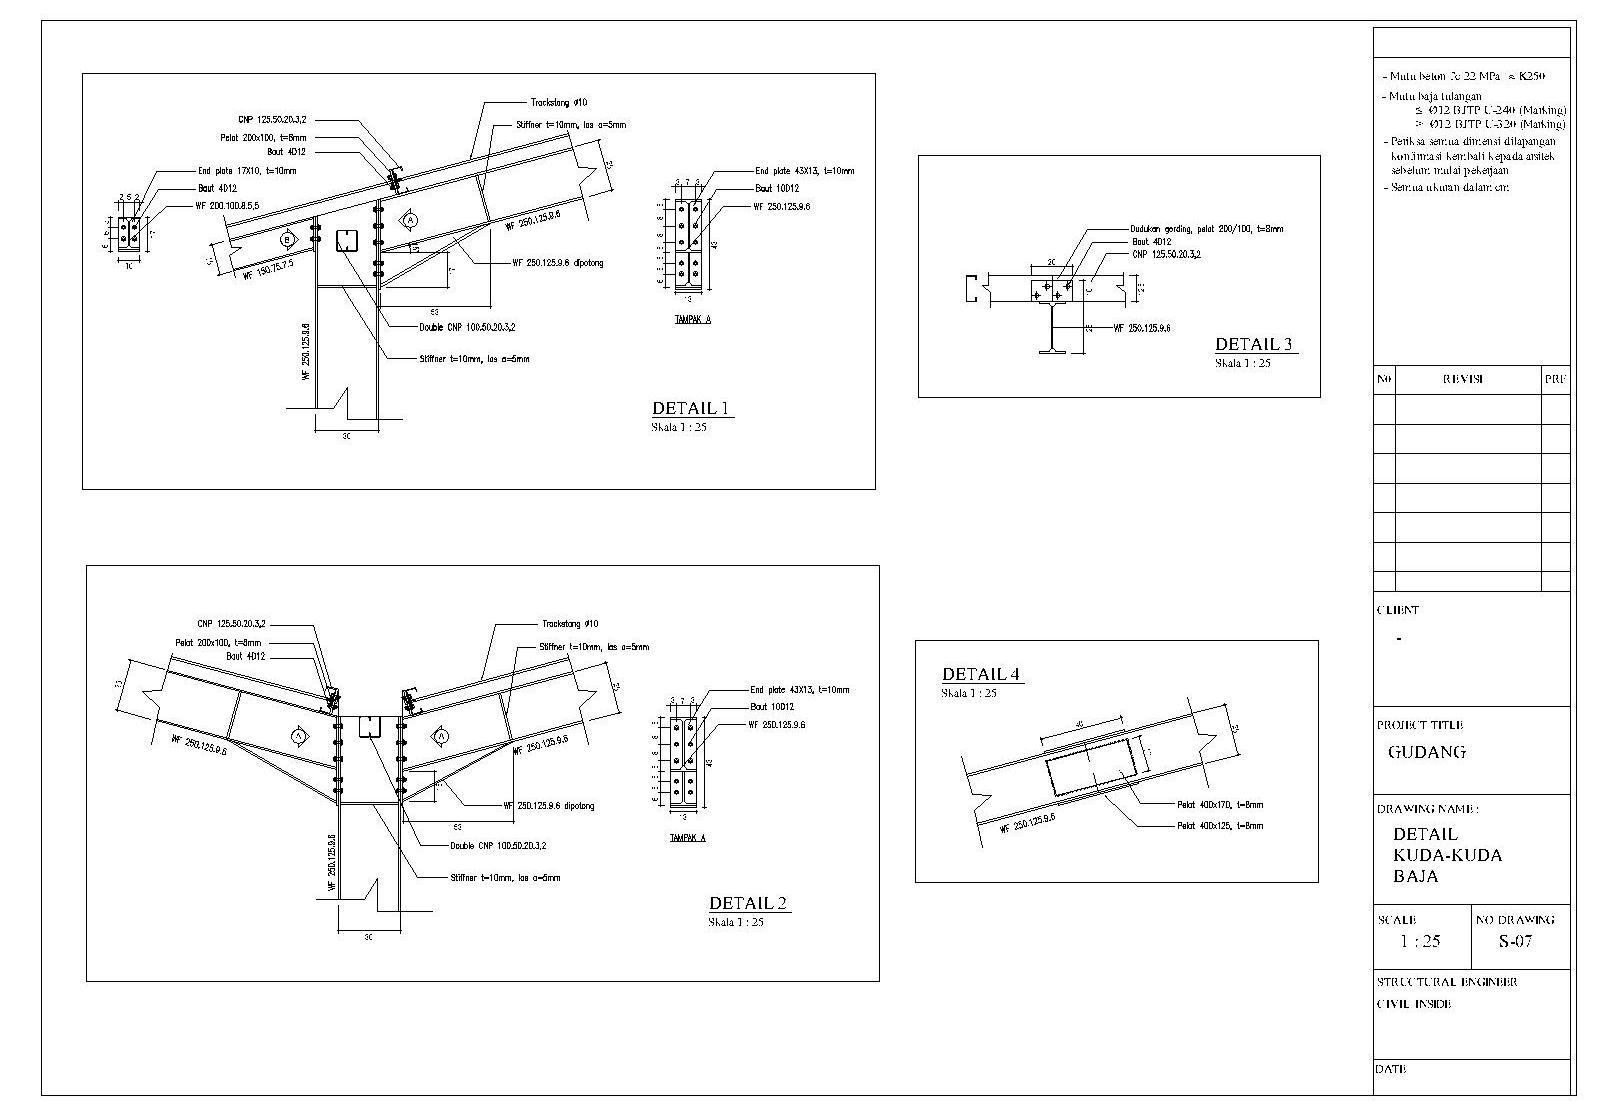 Civil Inside Design Konstruksi Gudang Dengan Baja Berat